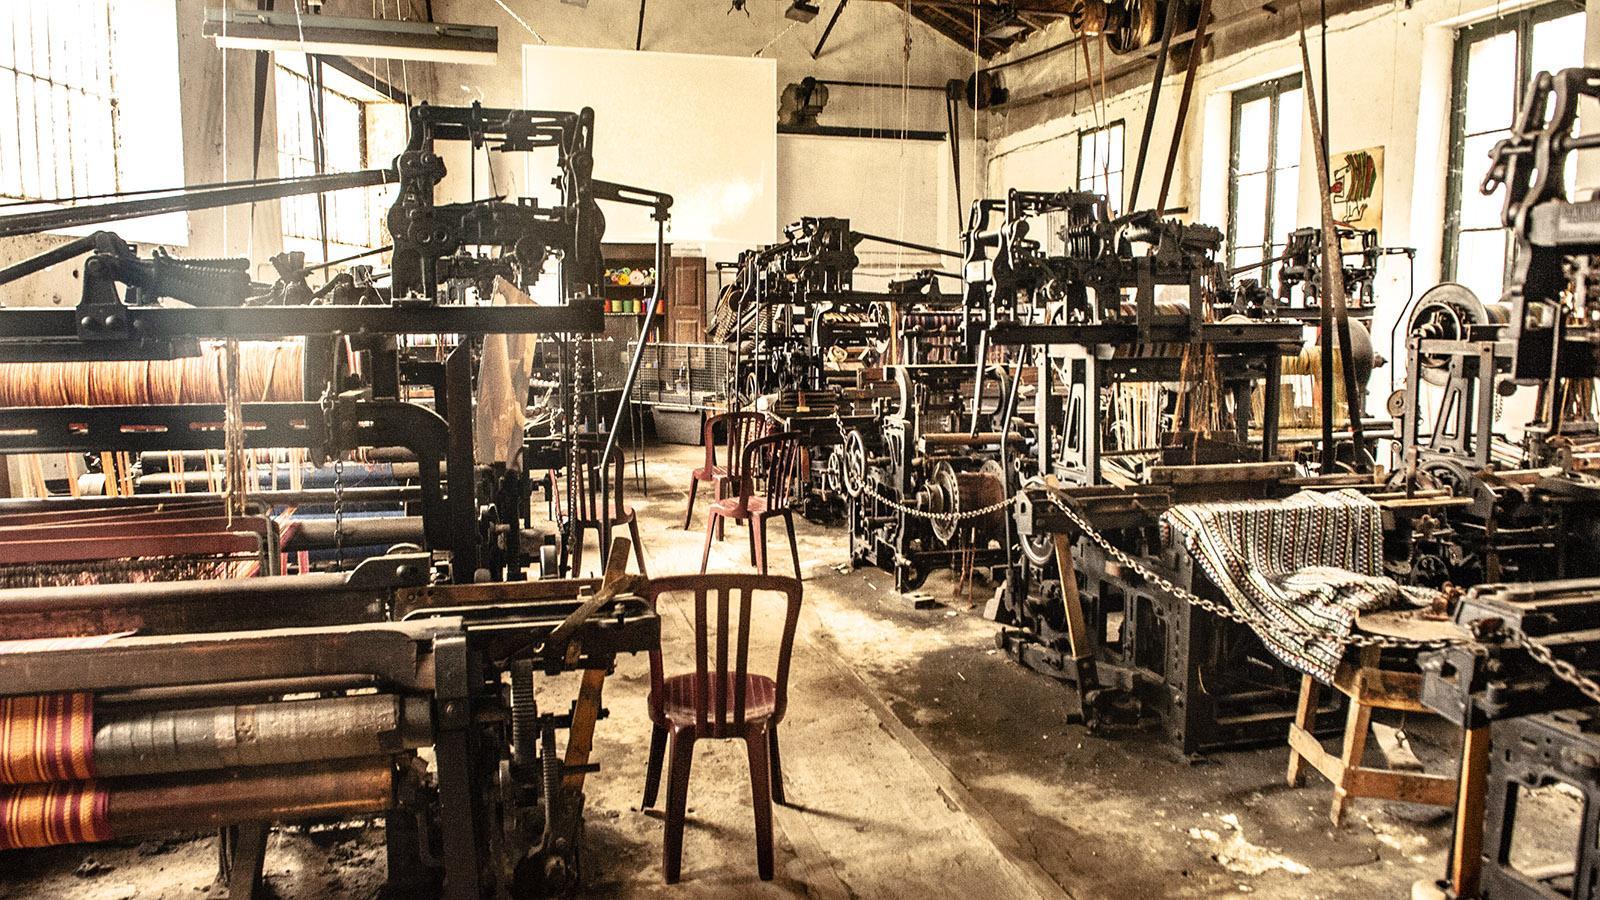 Arles-sur-Tech: Le Moulin. Foto: Hilke Maunder